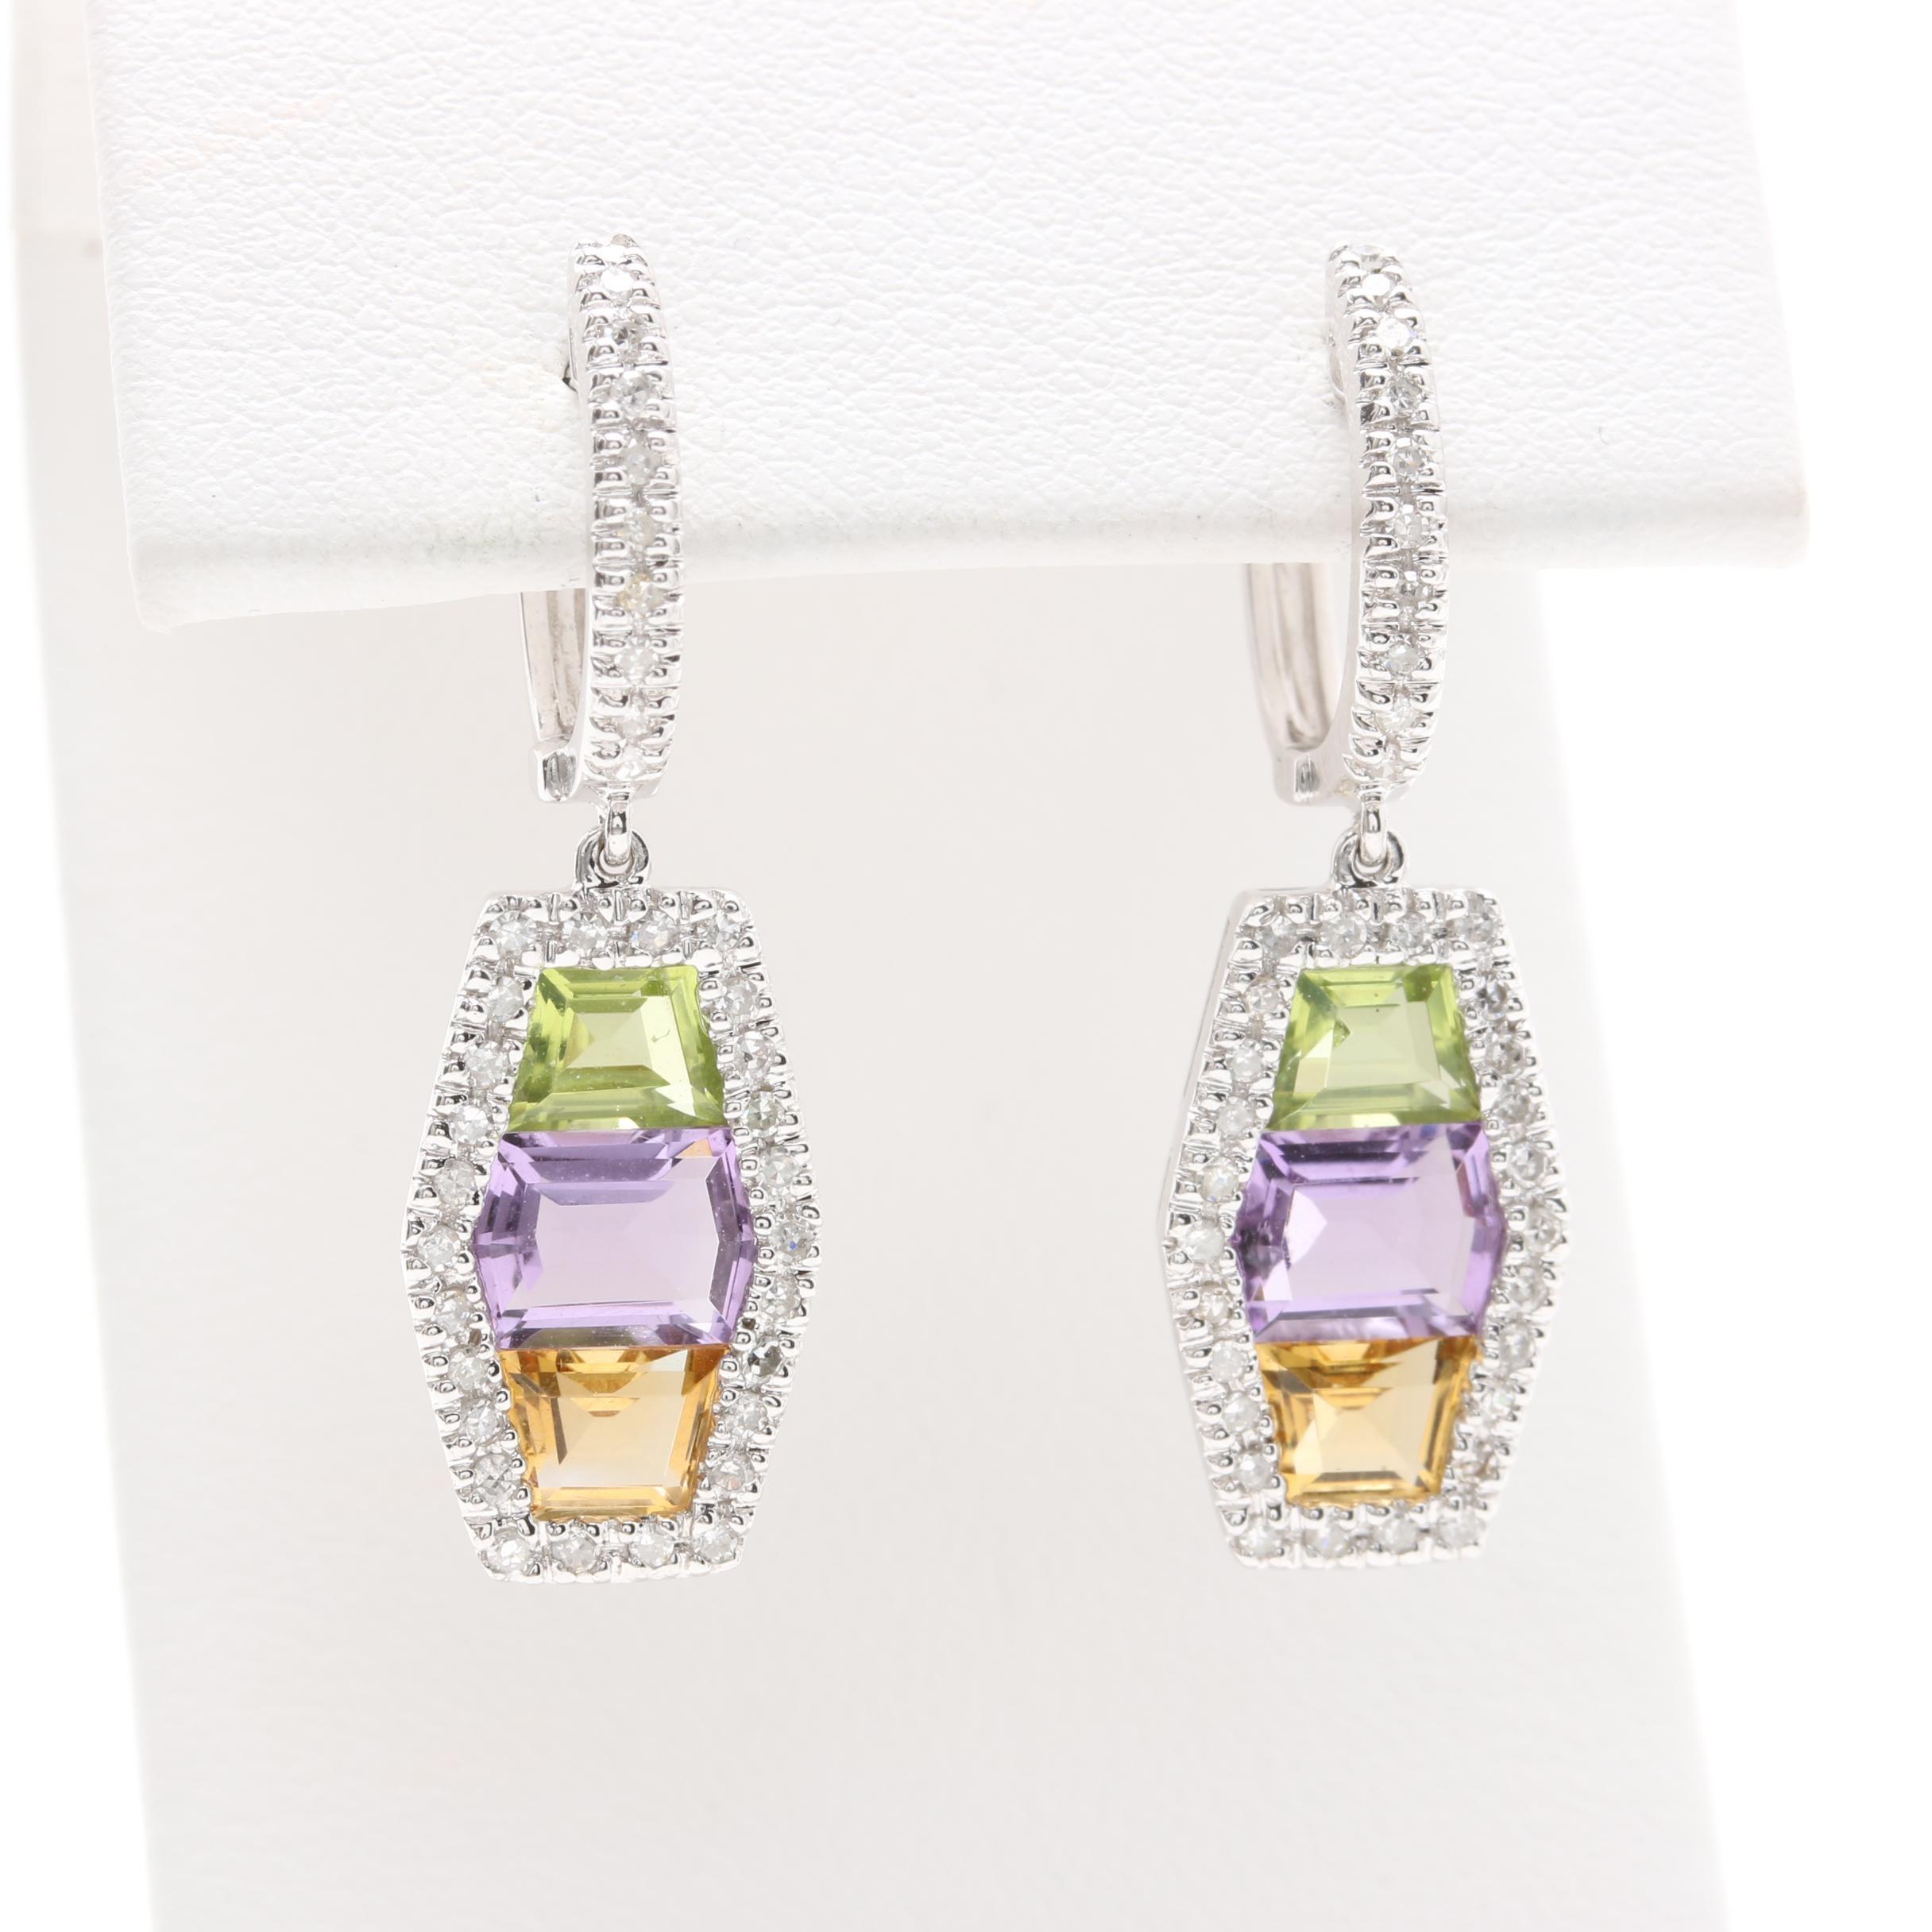 10K White Gold Gemstone Earrings Including Diamonds